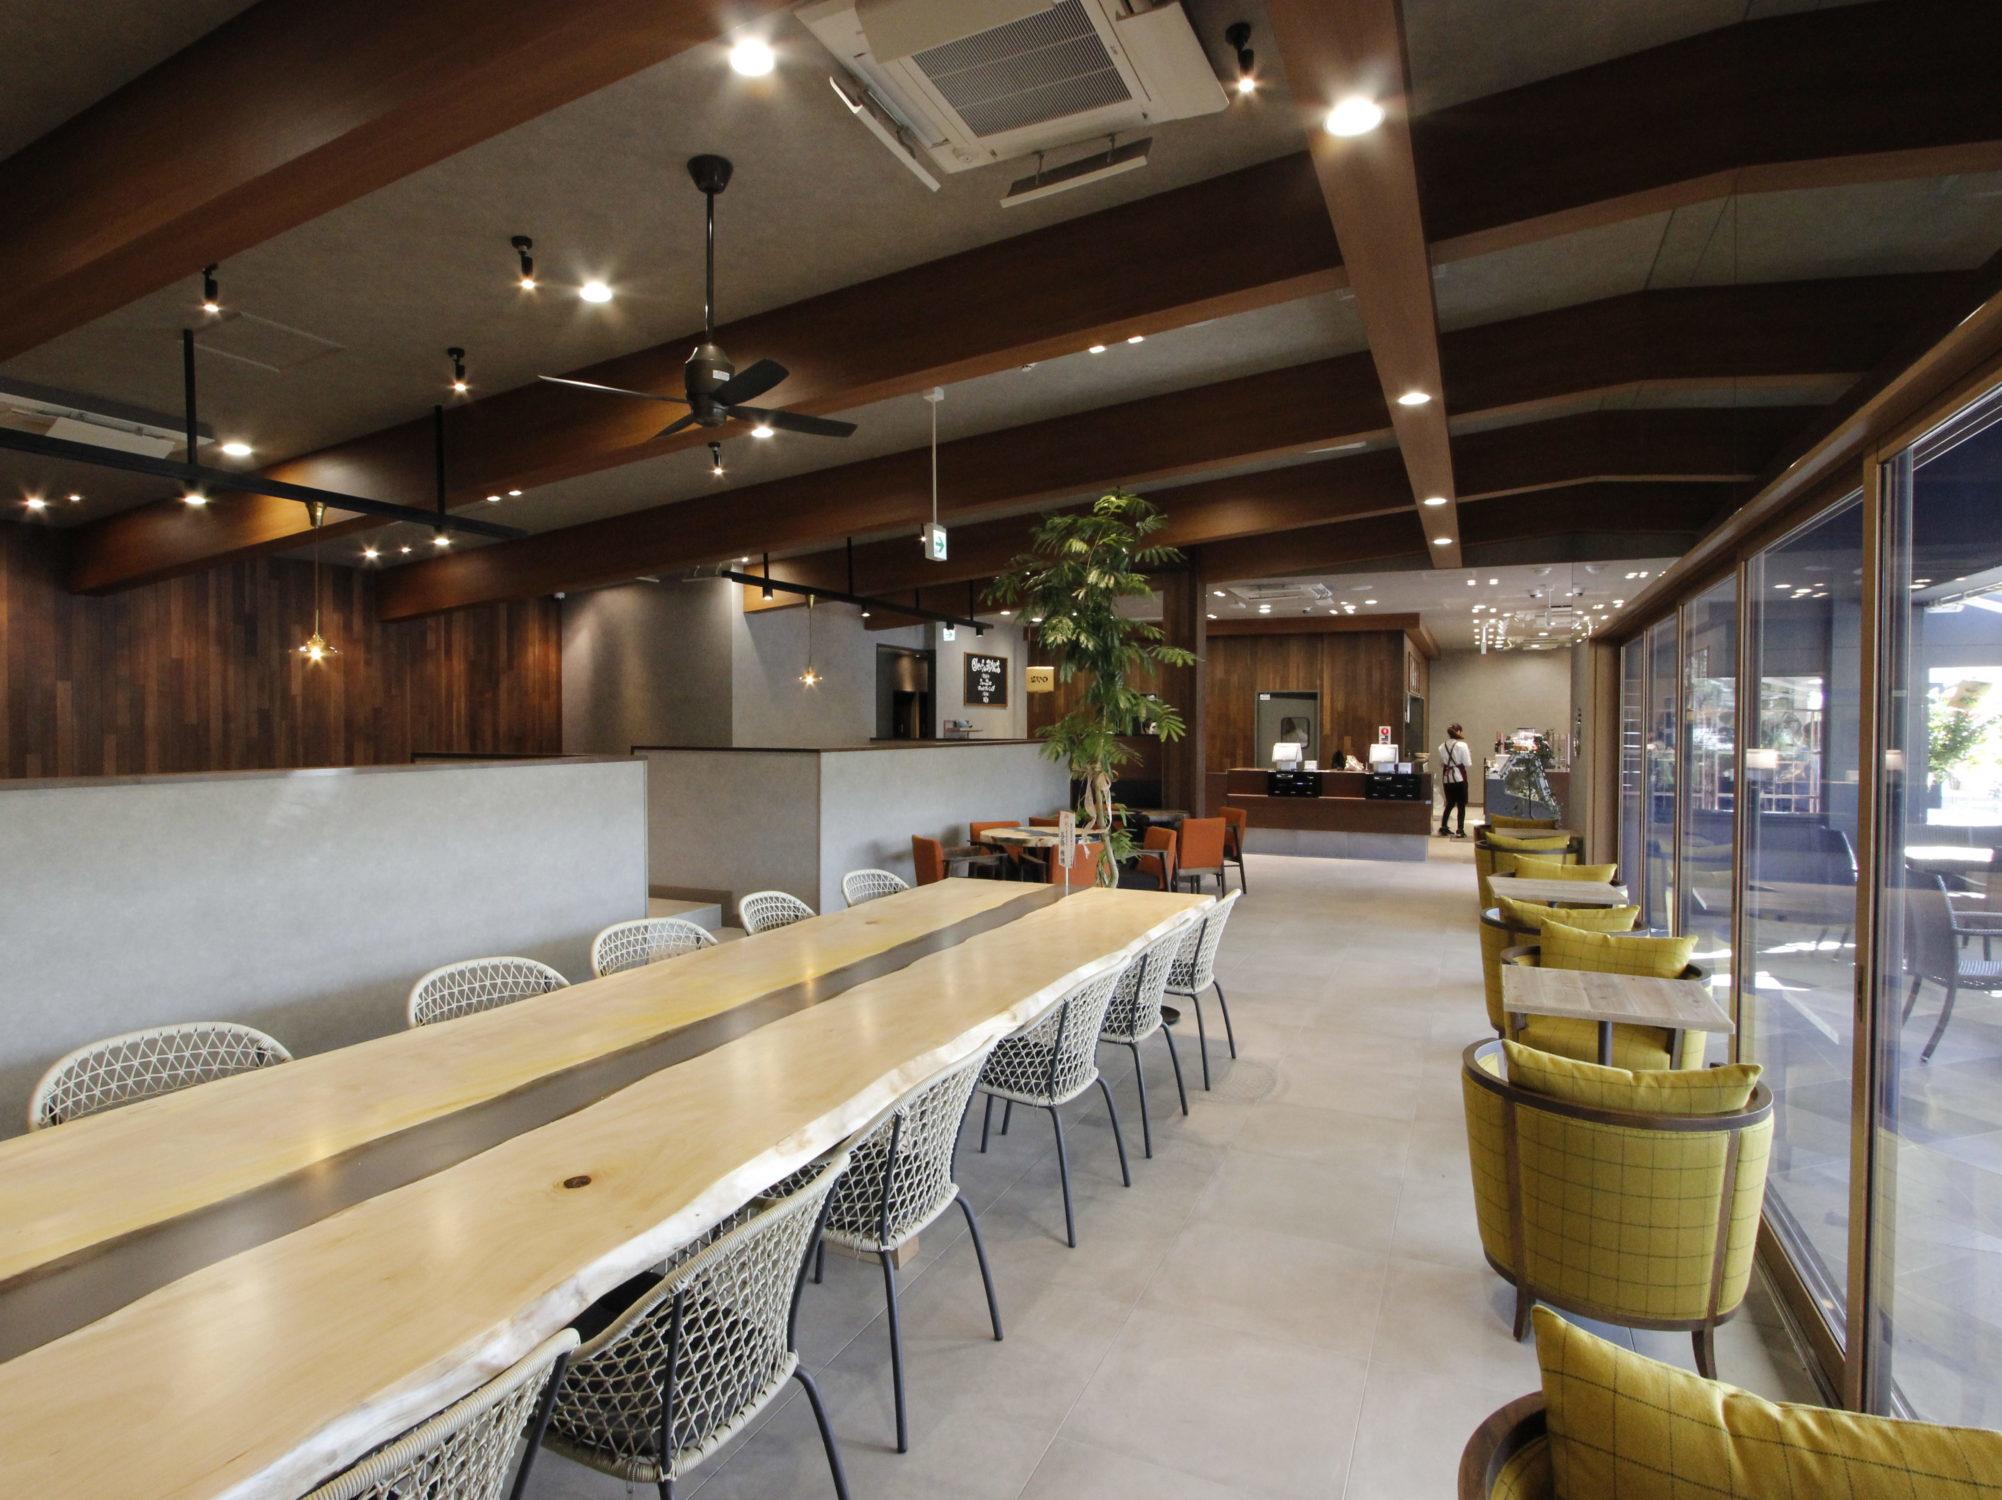 ダカフェ若松店様 施工事例をアップしました。